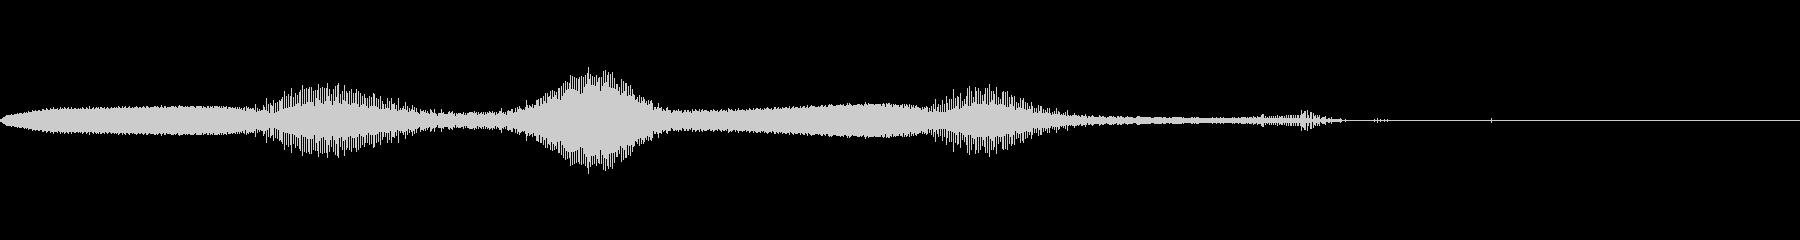 ゲームの効果音 2の未再生の波形